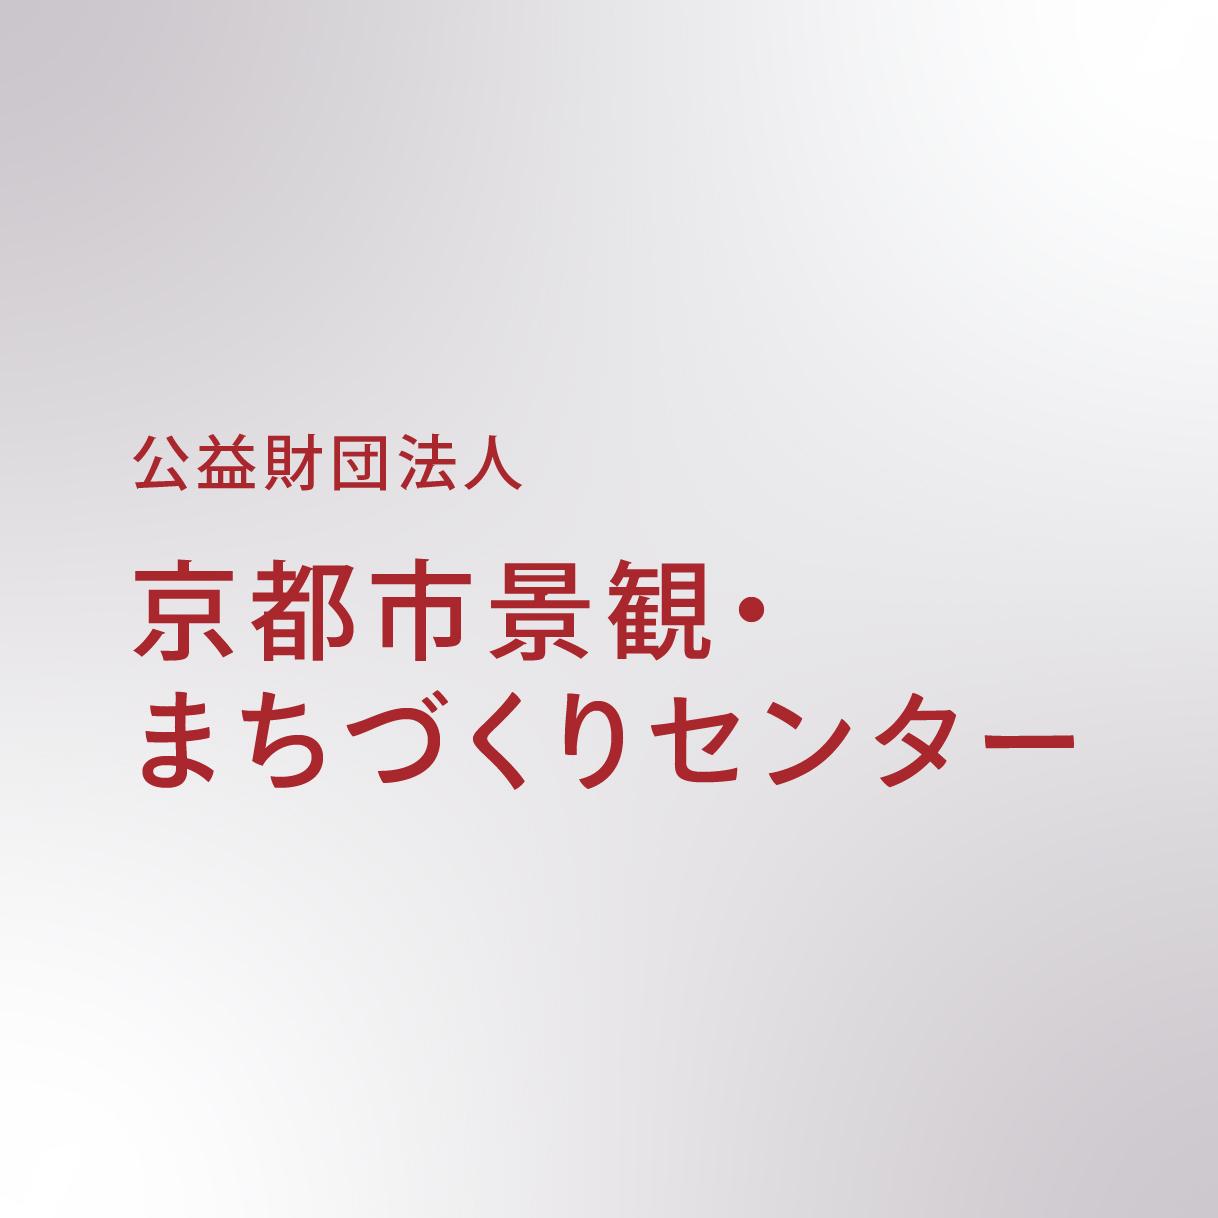 公益財団法人 京都市景観まちづくりセンター